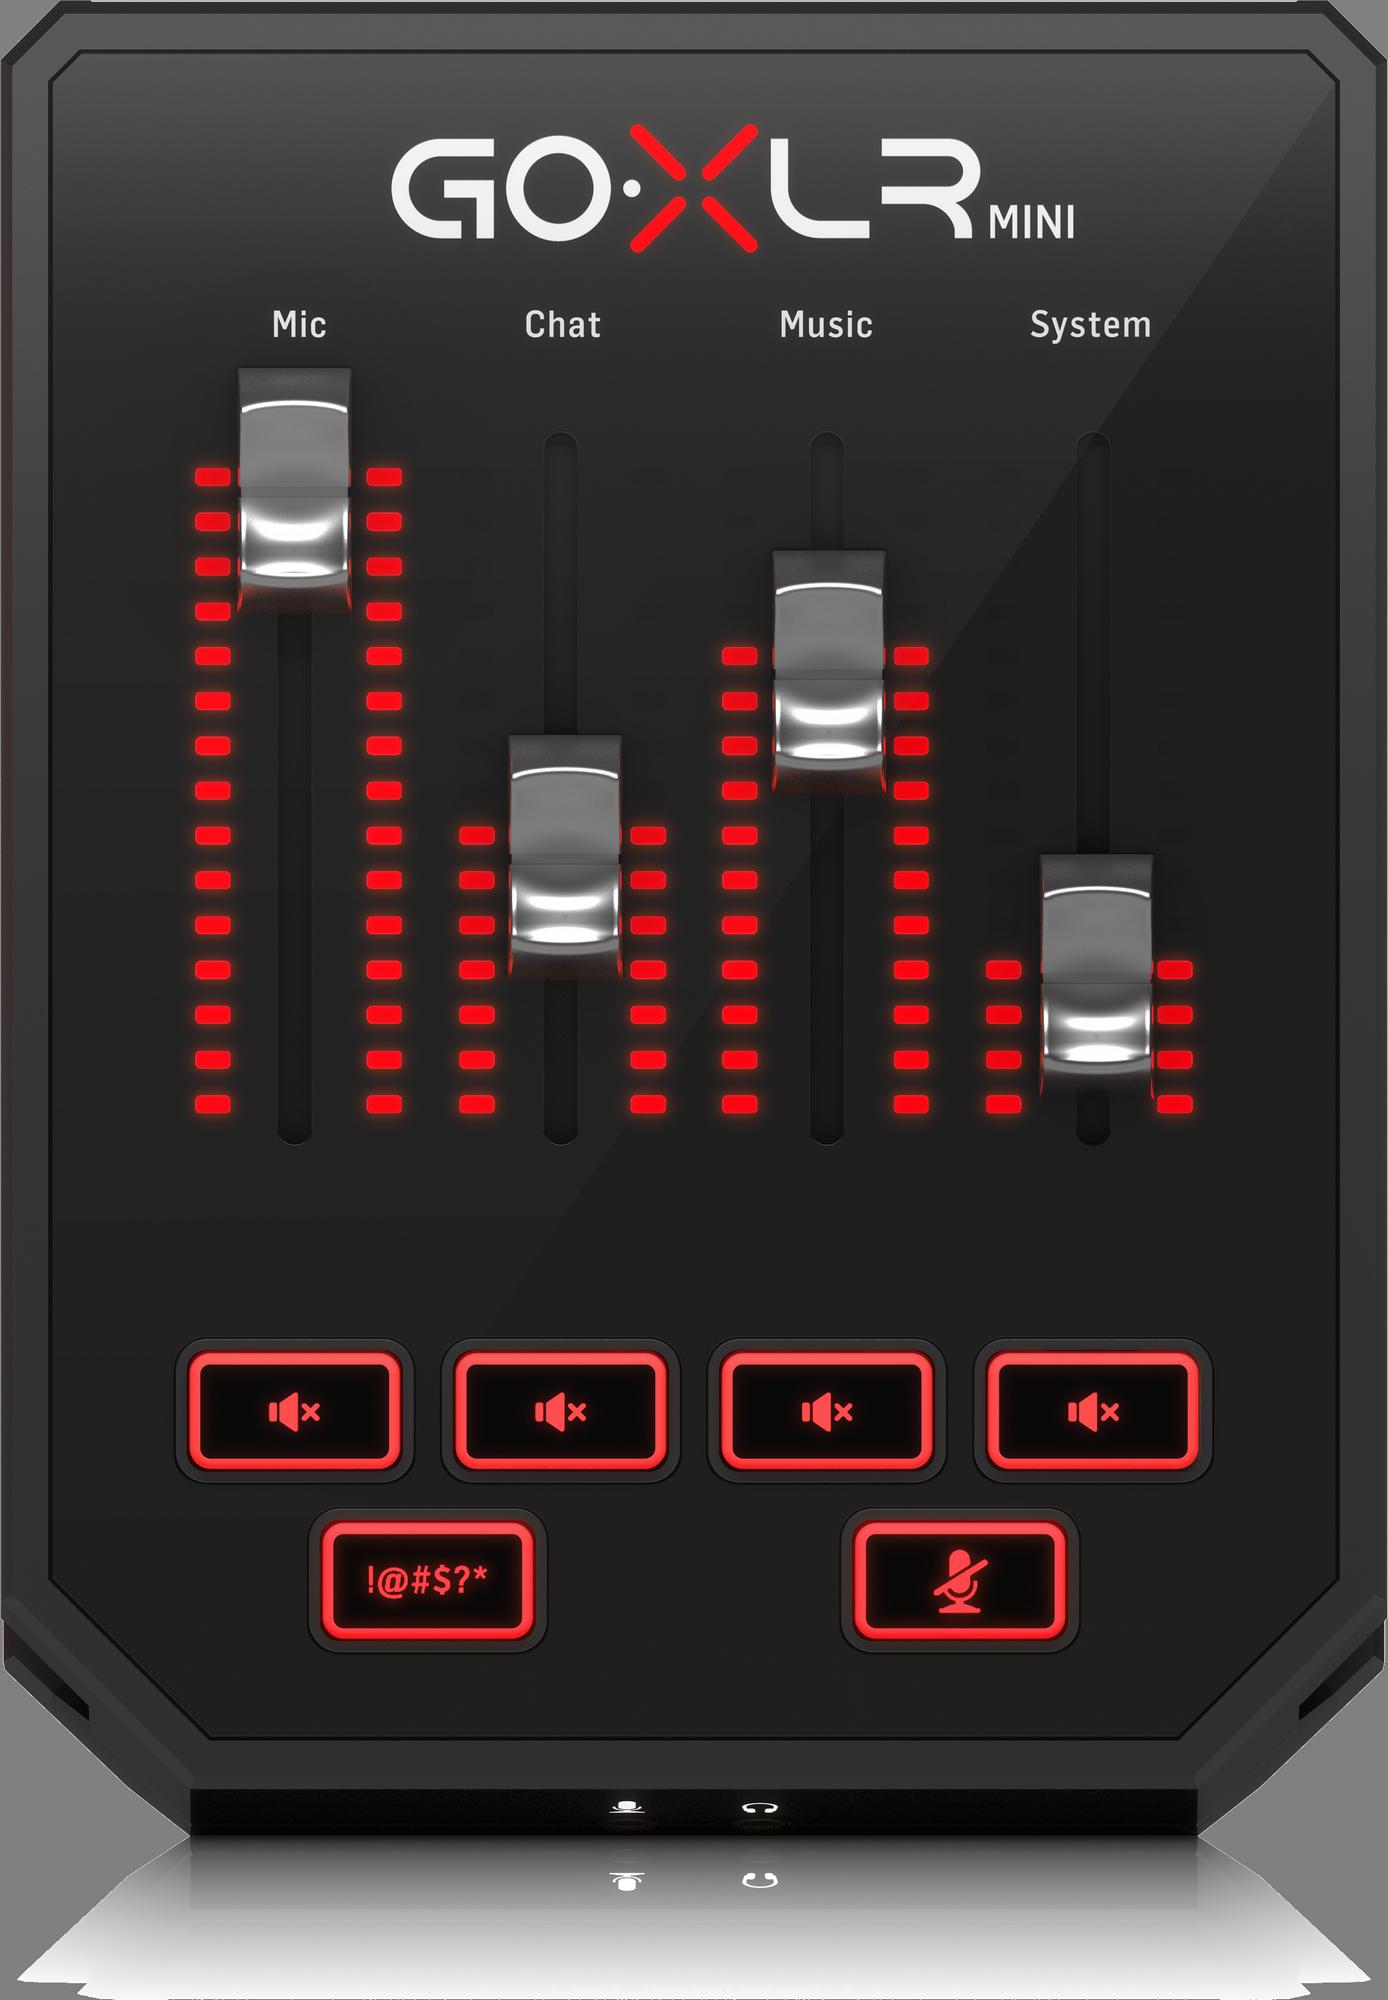 TC Helicon GO XLR MINI - Streaming mixer